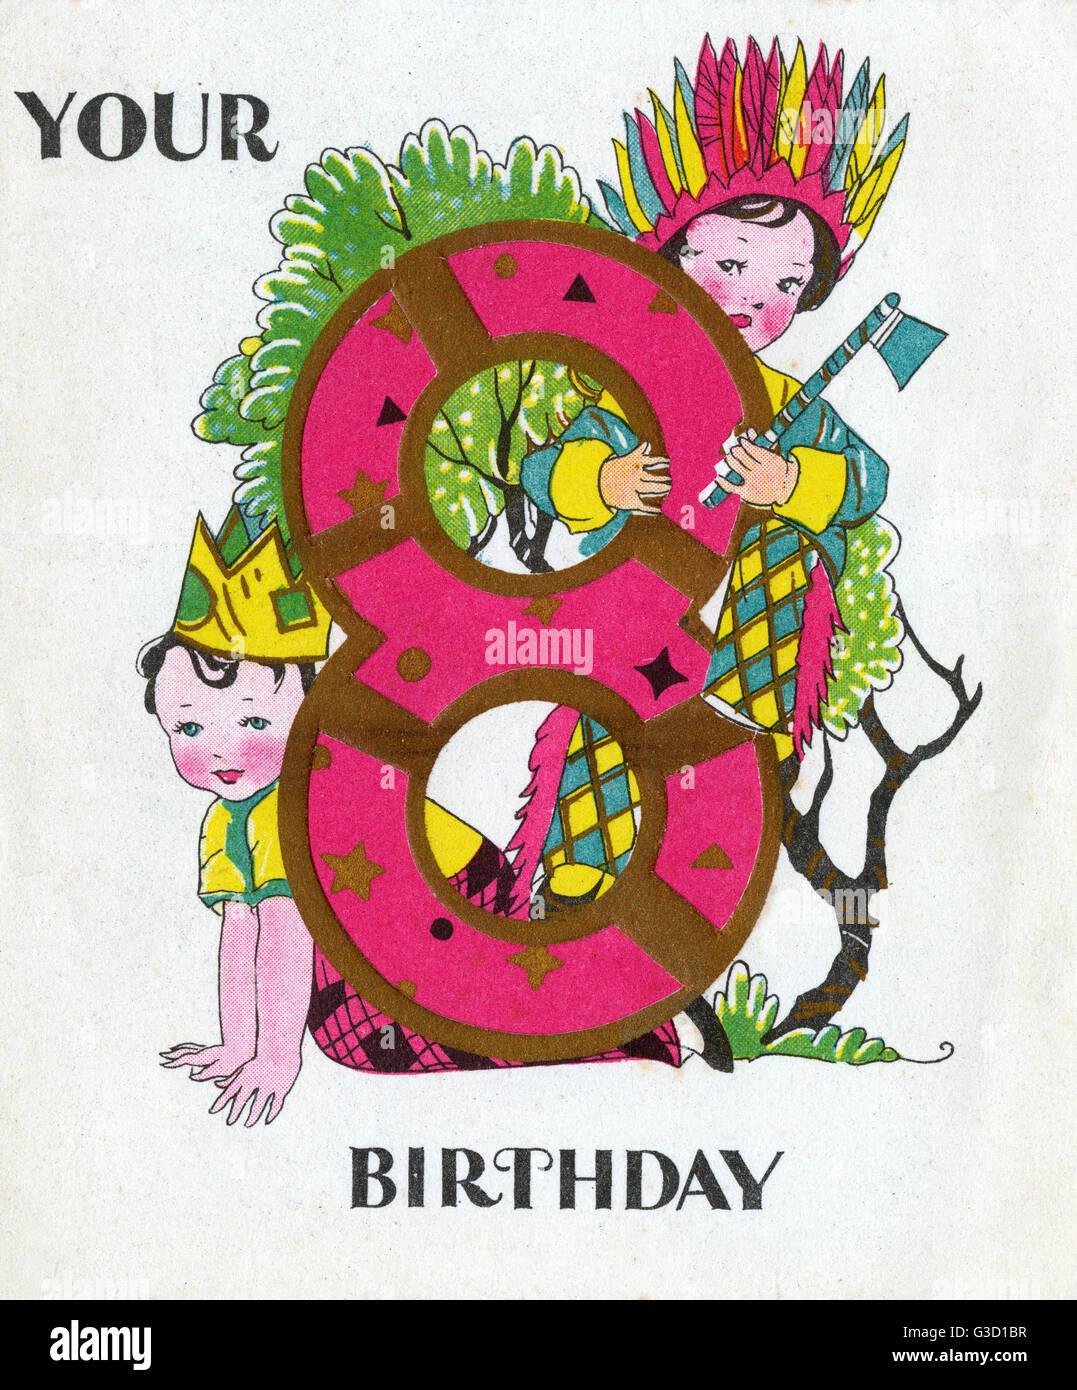 Geburtstagskarte für ein 8. Geburtstag   eines der beiden Kinder